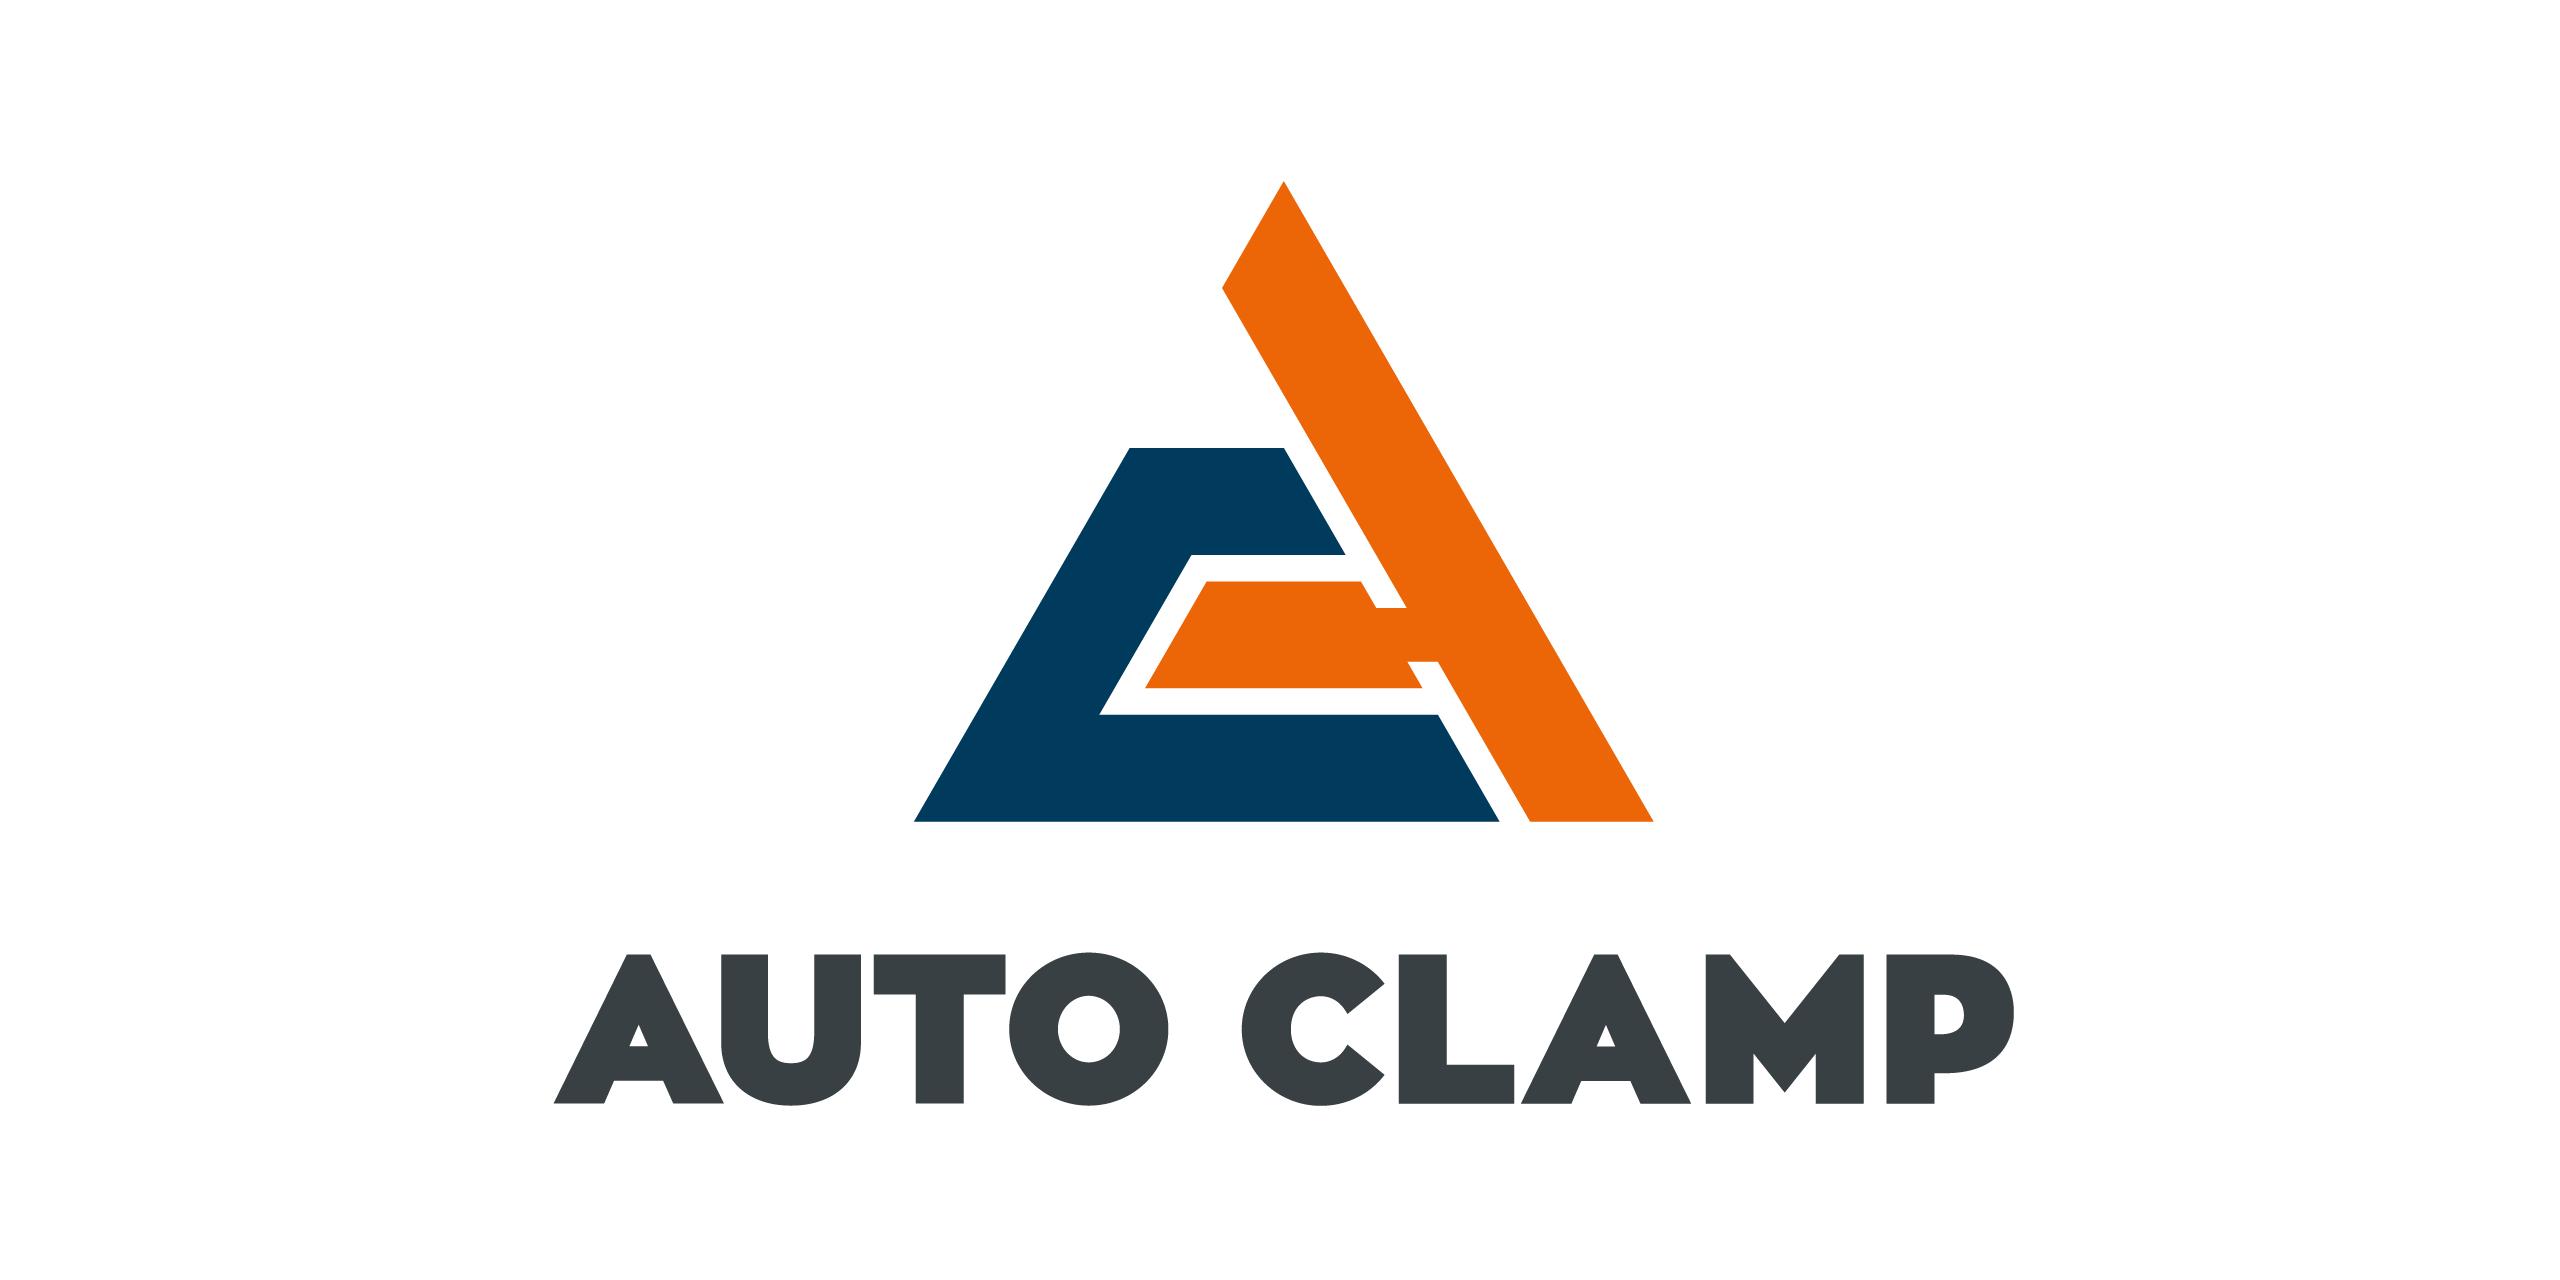 auto clamp logo design triangle